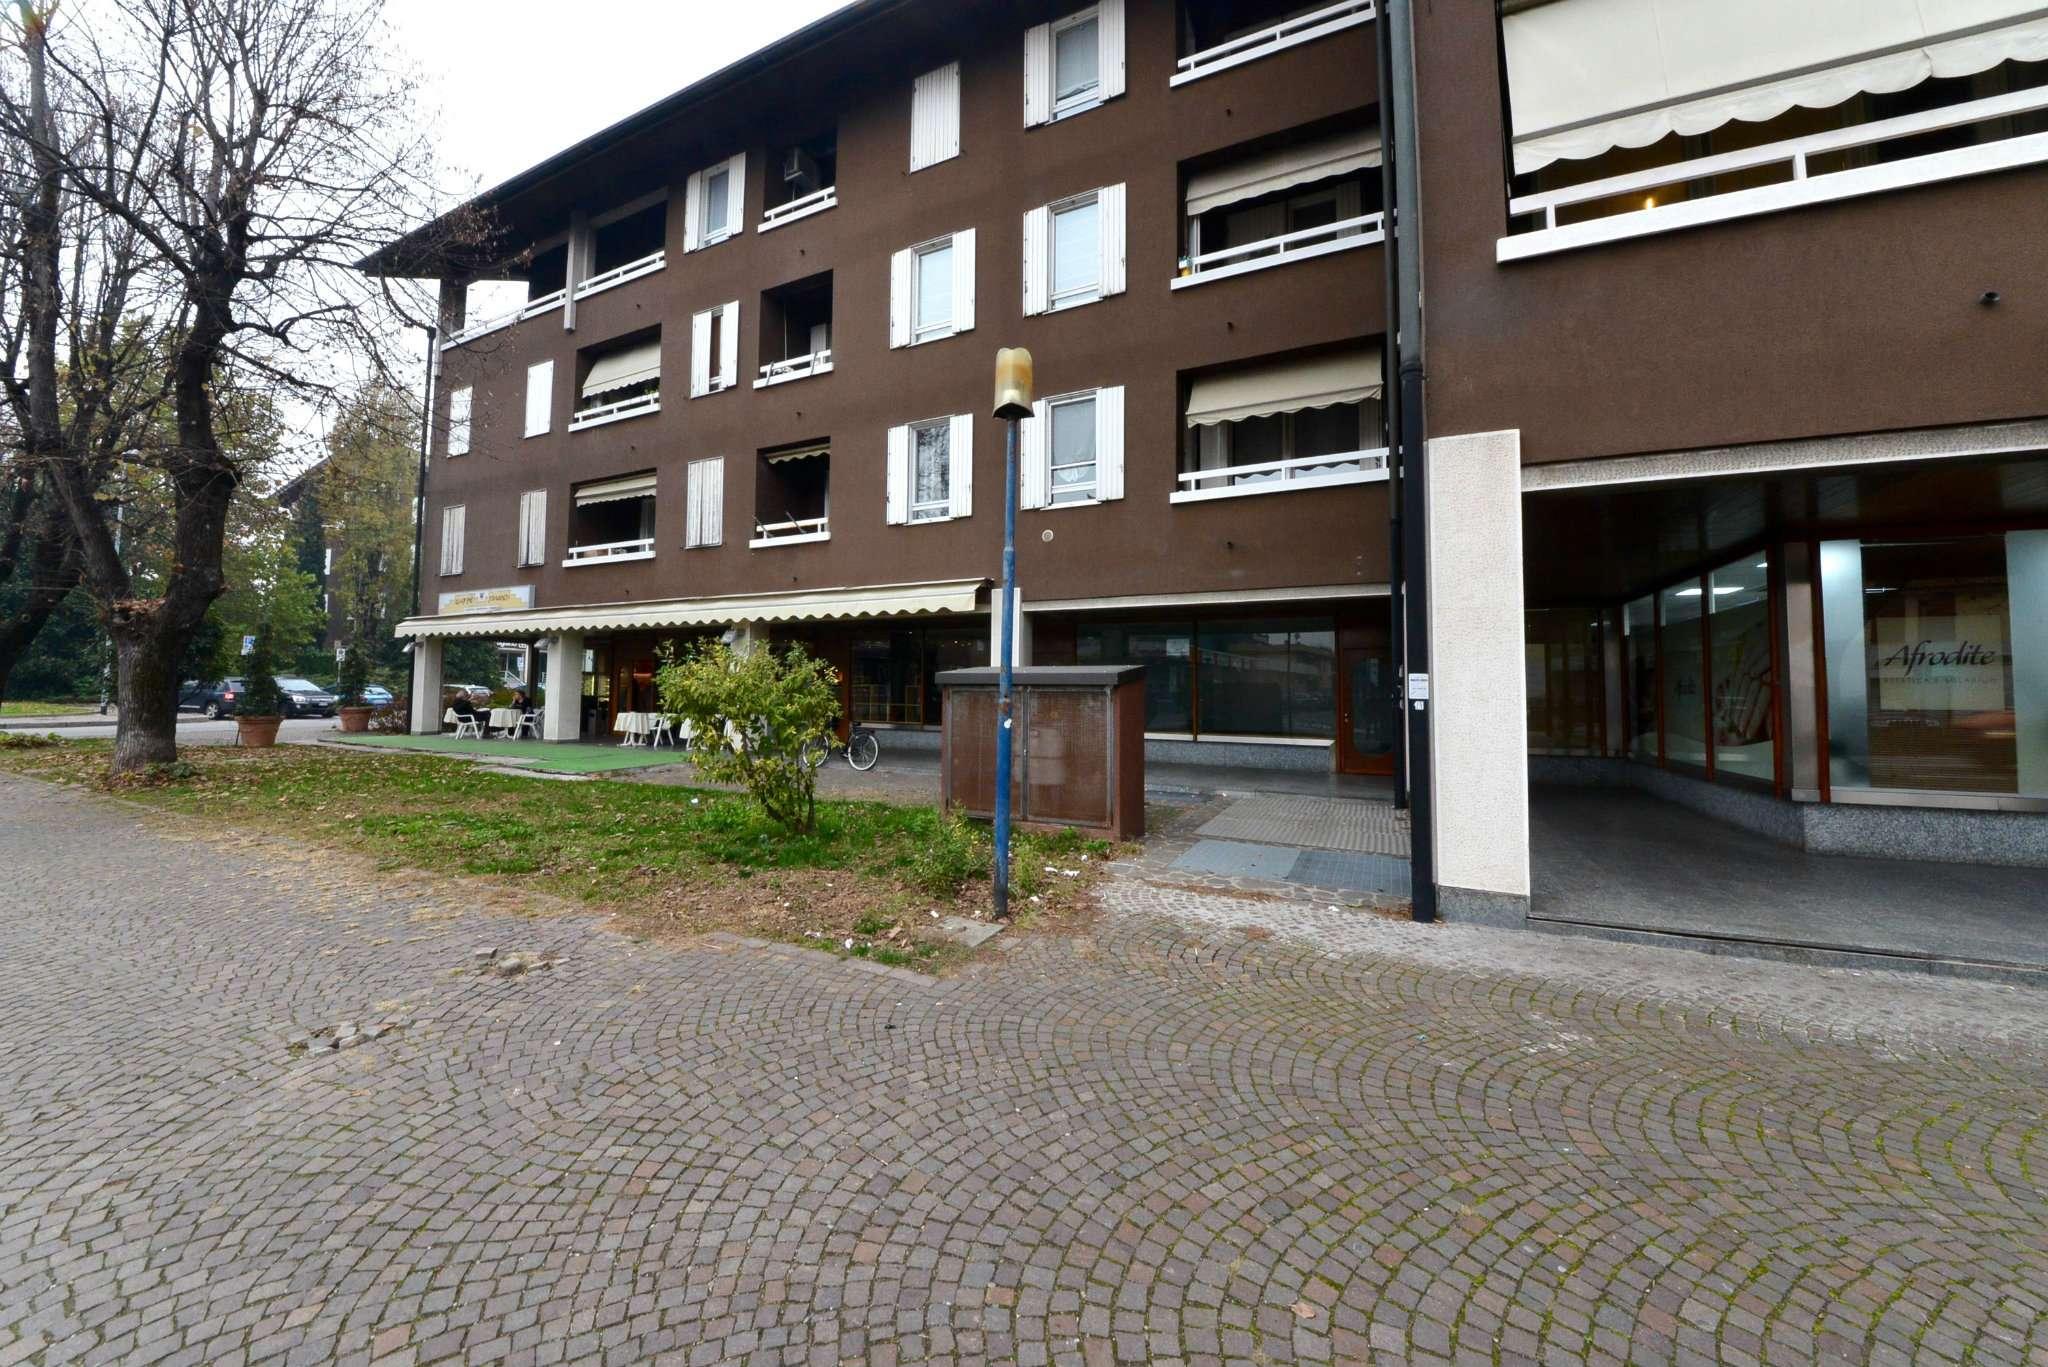 Negozio / Locale in affitto a Agrate Brianza, 2 locali, prezzo € 1.250 | Cambio Casa.it